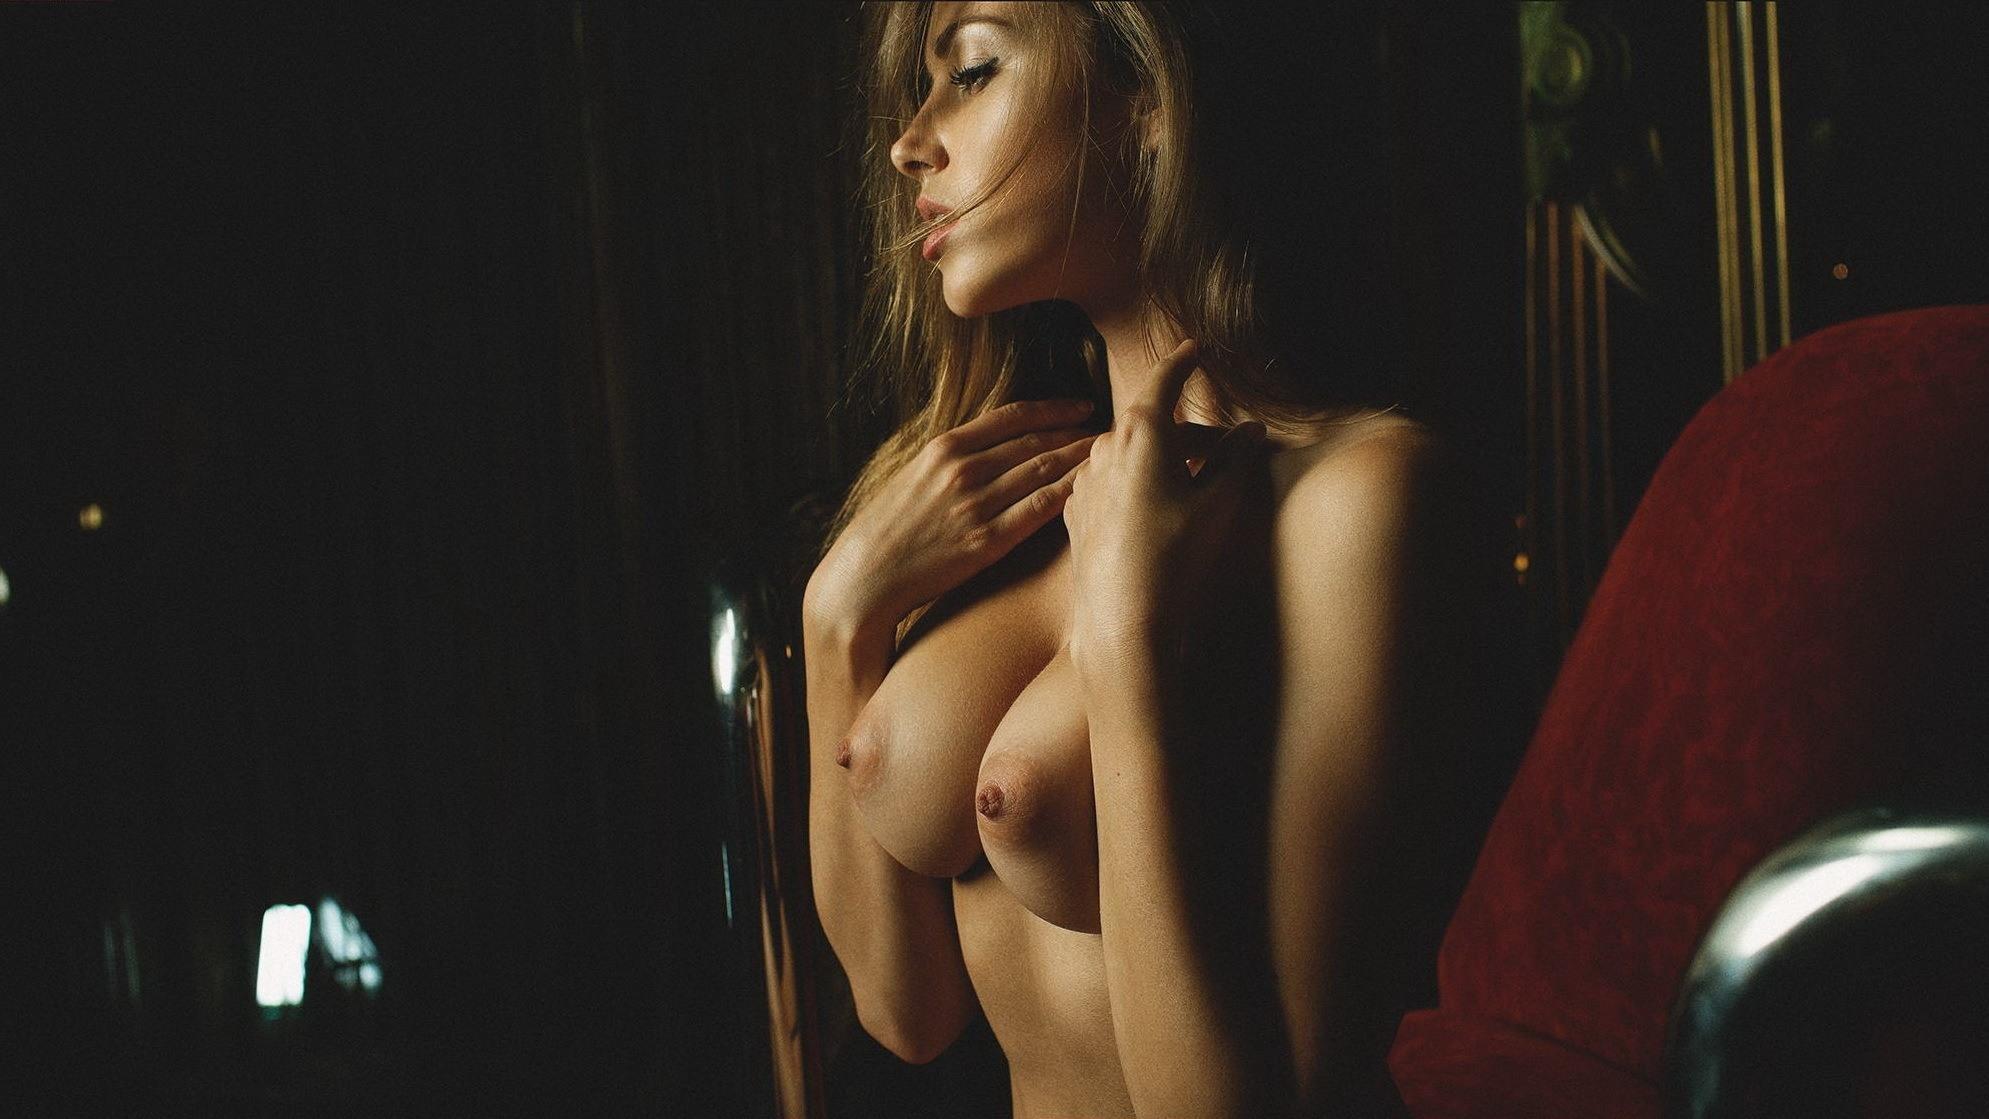 Фото Соблазнительная возбужденная блондинка ласкает свою грудь, большие красивые сиськи, набухшие соски, скачать картинку бесплатно